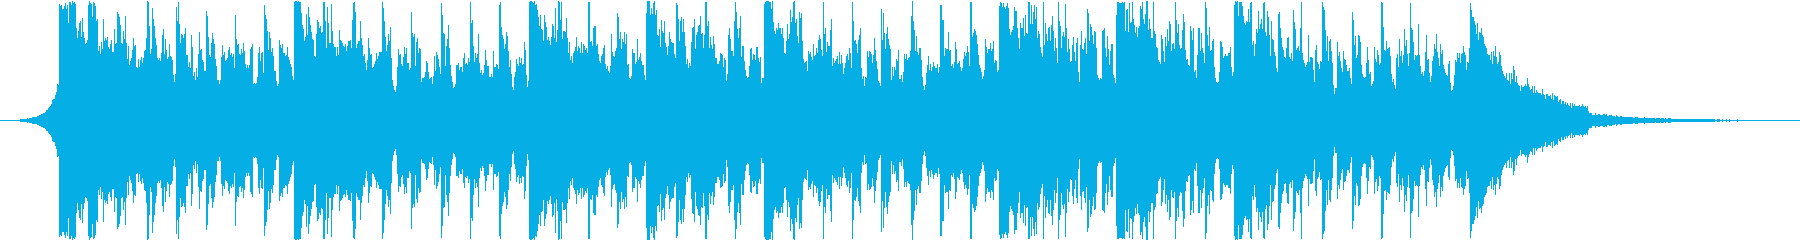 コーポレートテックミニマルポップの再生済みの波形